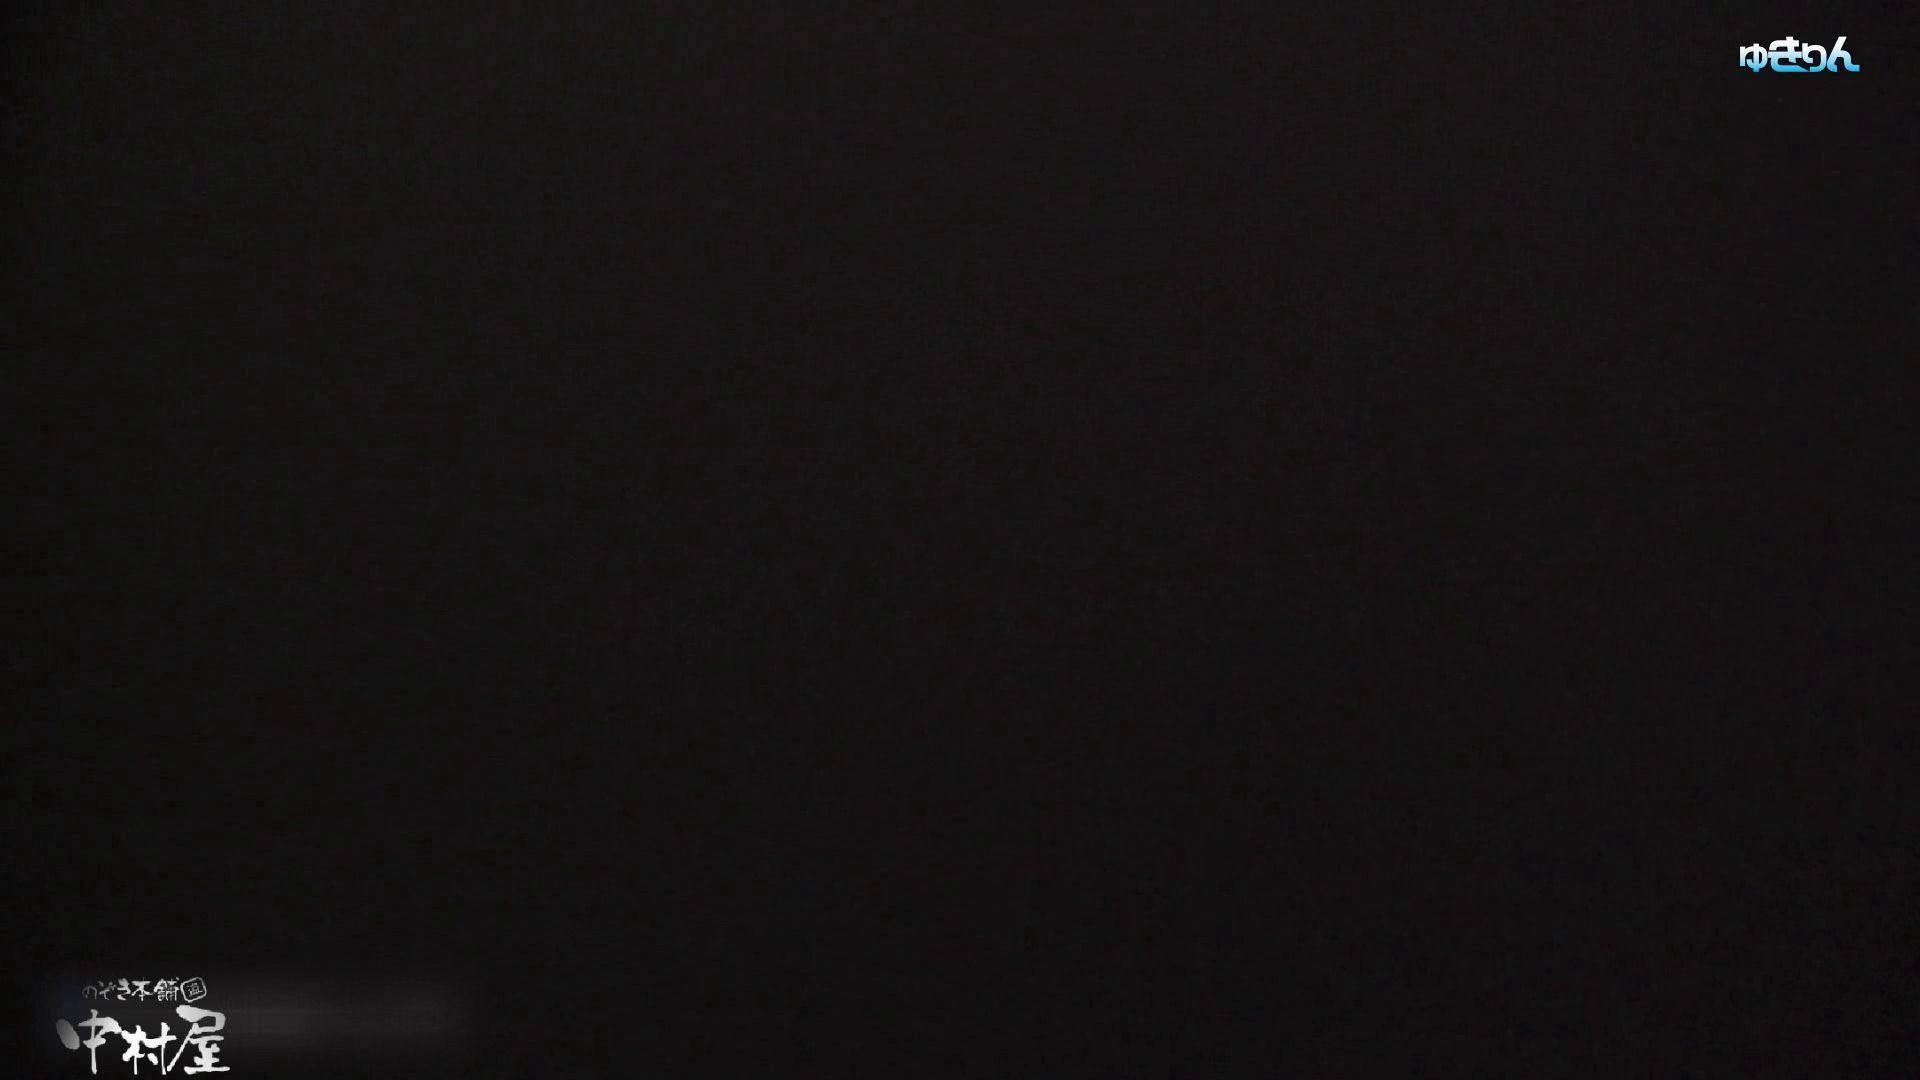 無修正エロ動画 世界の射窓から~ステーション編 vol61 レベルアップ!!画質アップ、再発進 のぞき本舗 中村屋